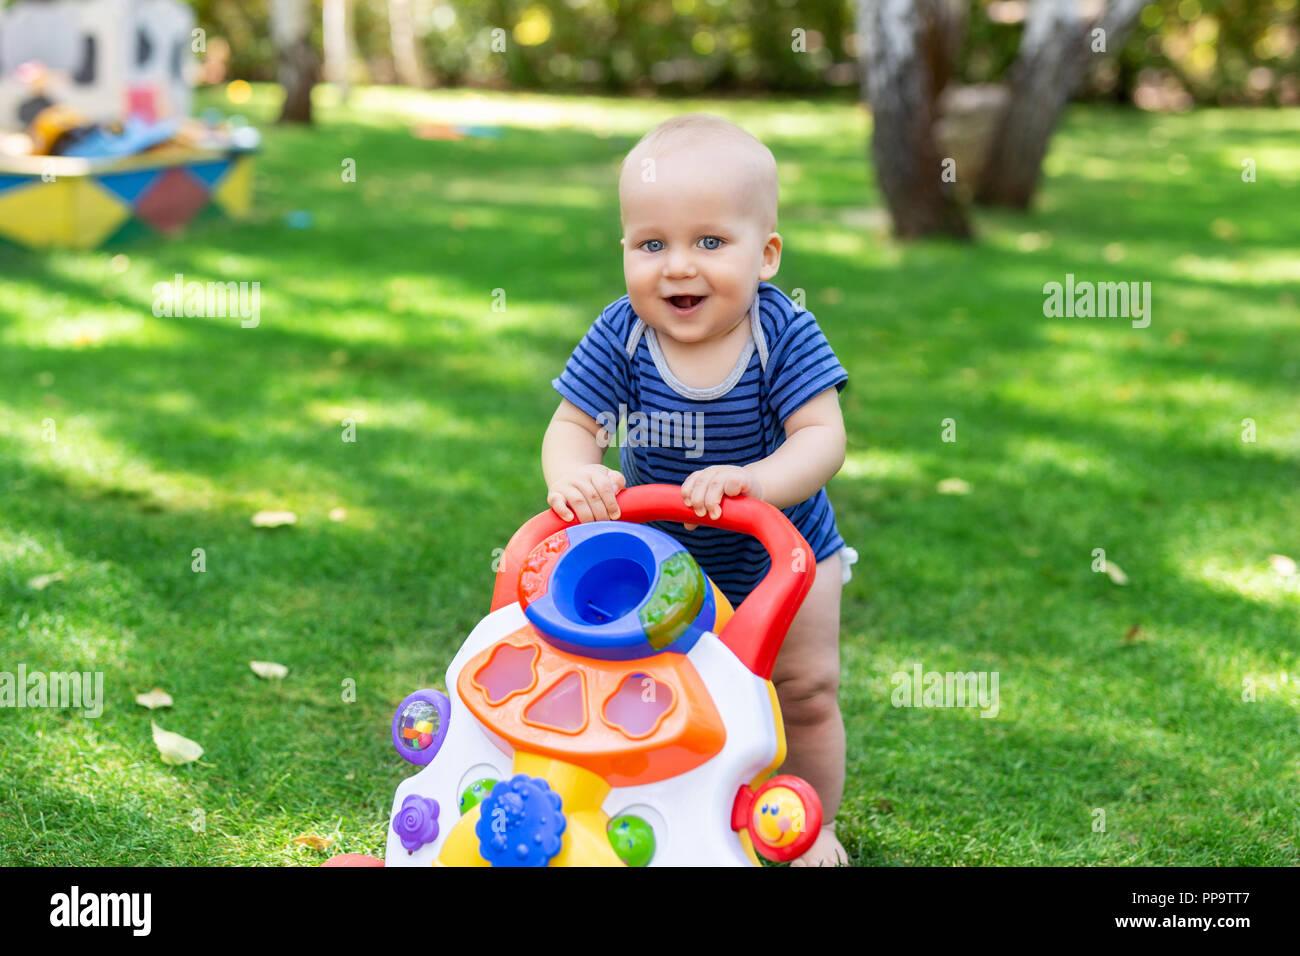 Carino piccolo ragazzo ad imparare a camminare con walker giocattolo sul verde prato in cortile. Bambino Ridere e divertirsi facendo prima fase al parco sulla luminosa giornata all'aperto. Infanzia felice concetto Immagini Stock